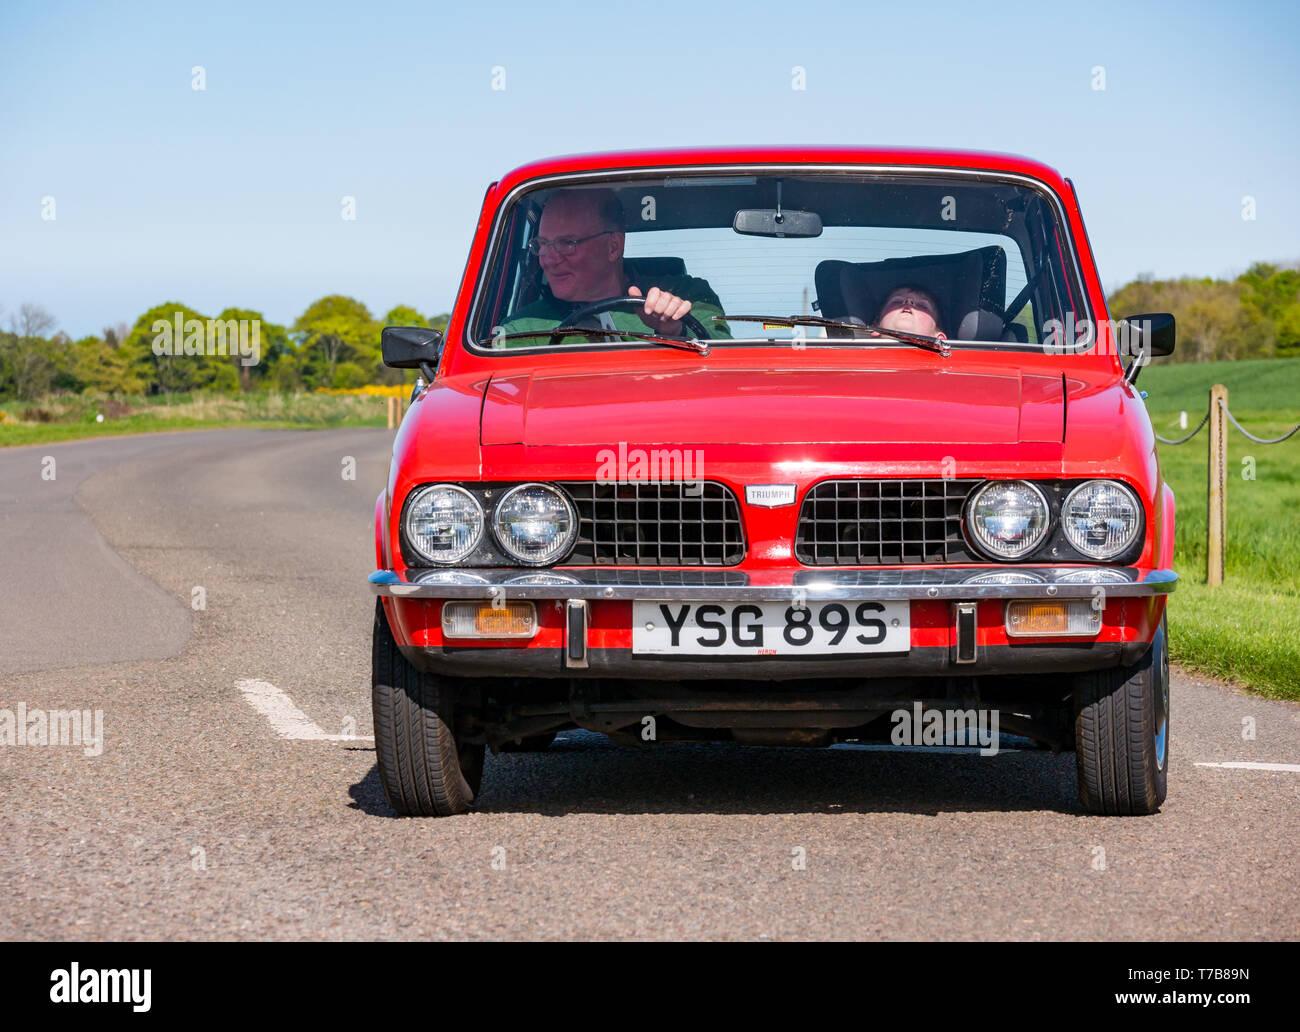 2019 Latest Design Vintage Triumph Dolomite Car Badge Badges & Mascots